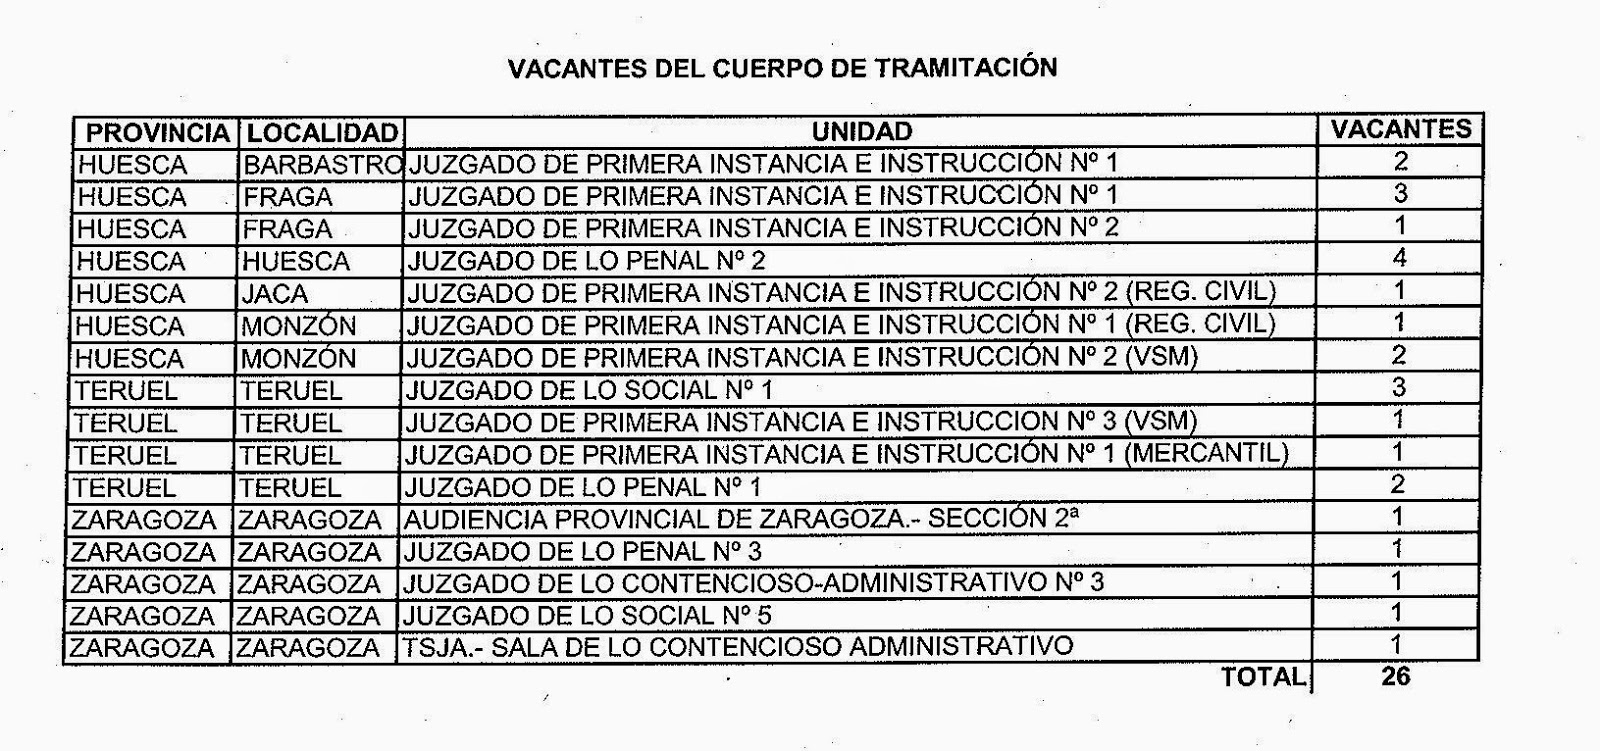 Ccoo de justicia borrador de plazas vacantes en arag n for Ccoo concurso de traslados